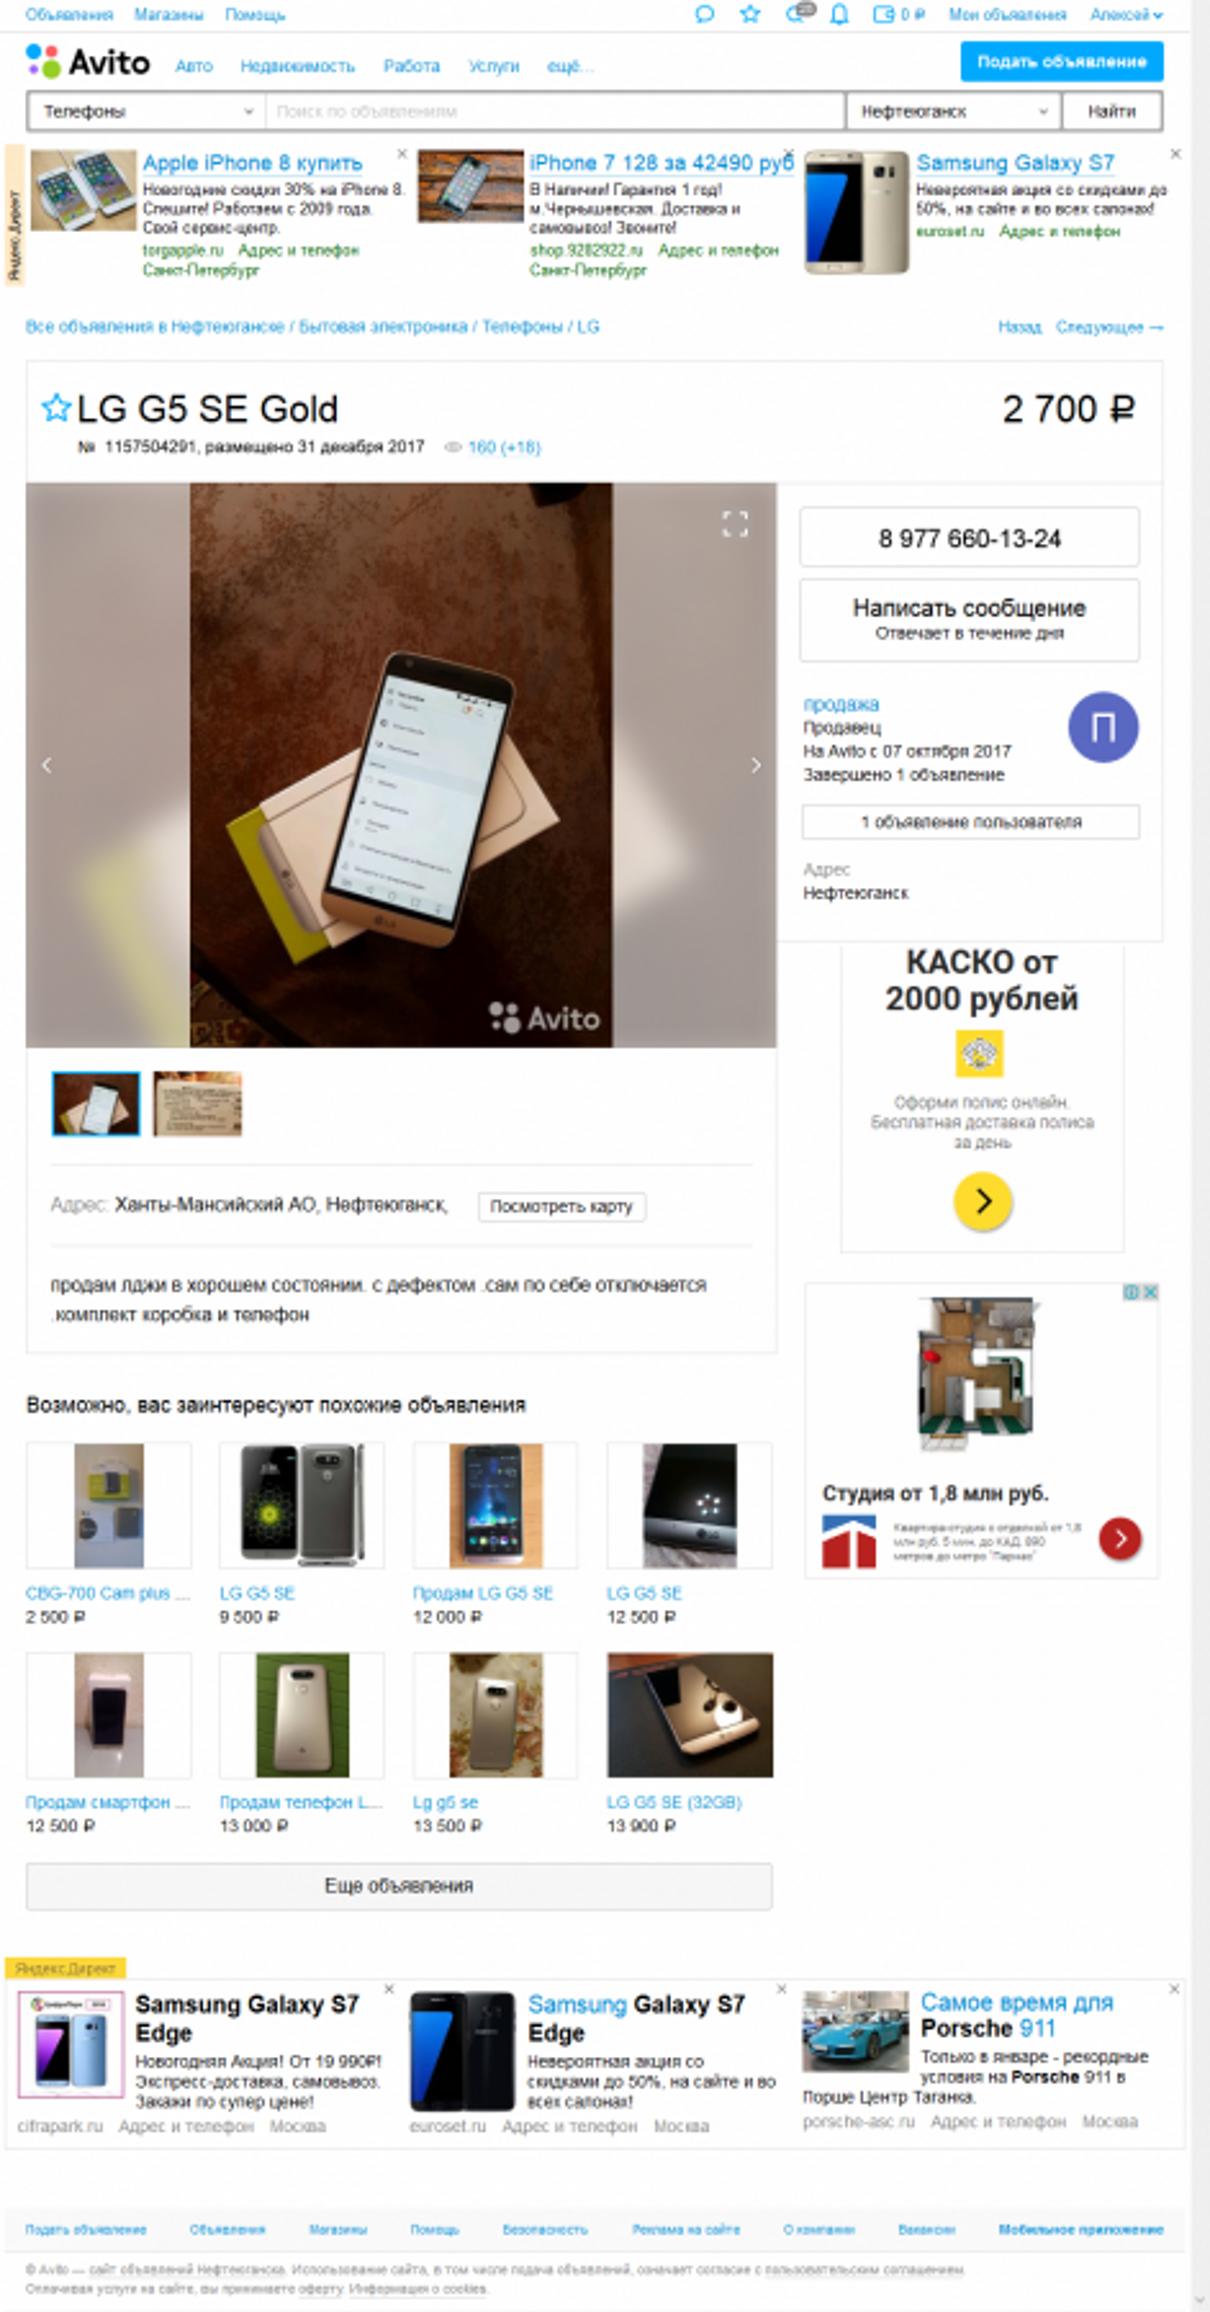 """Жалоба-отзыв: """"продажа"""" Avitoвич - Неполученный неисправный телефон.  Фото №1"""